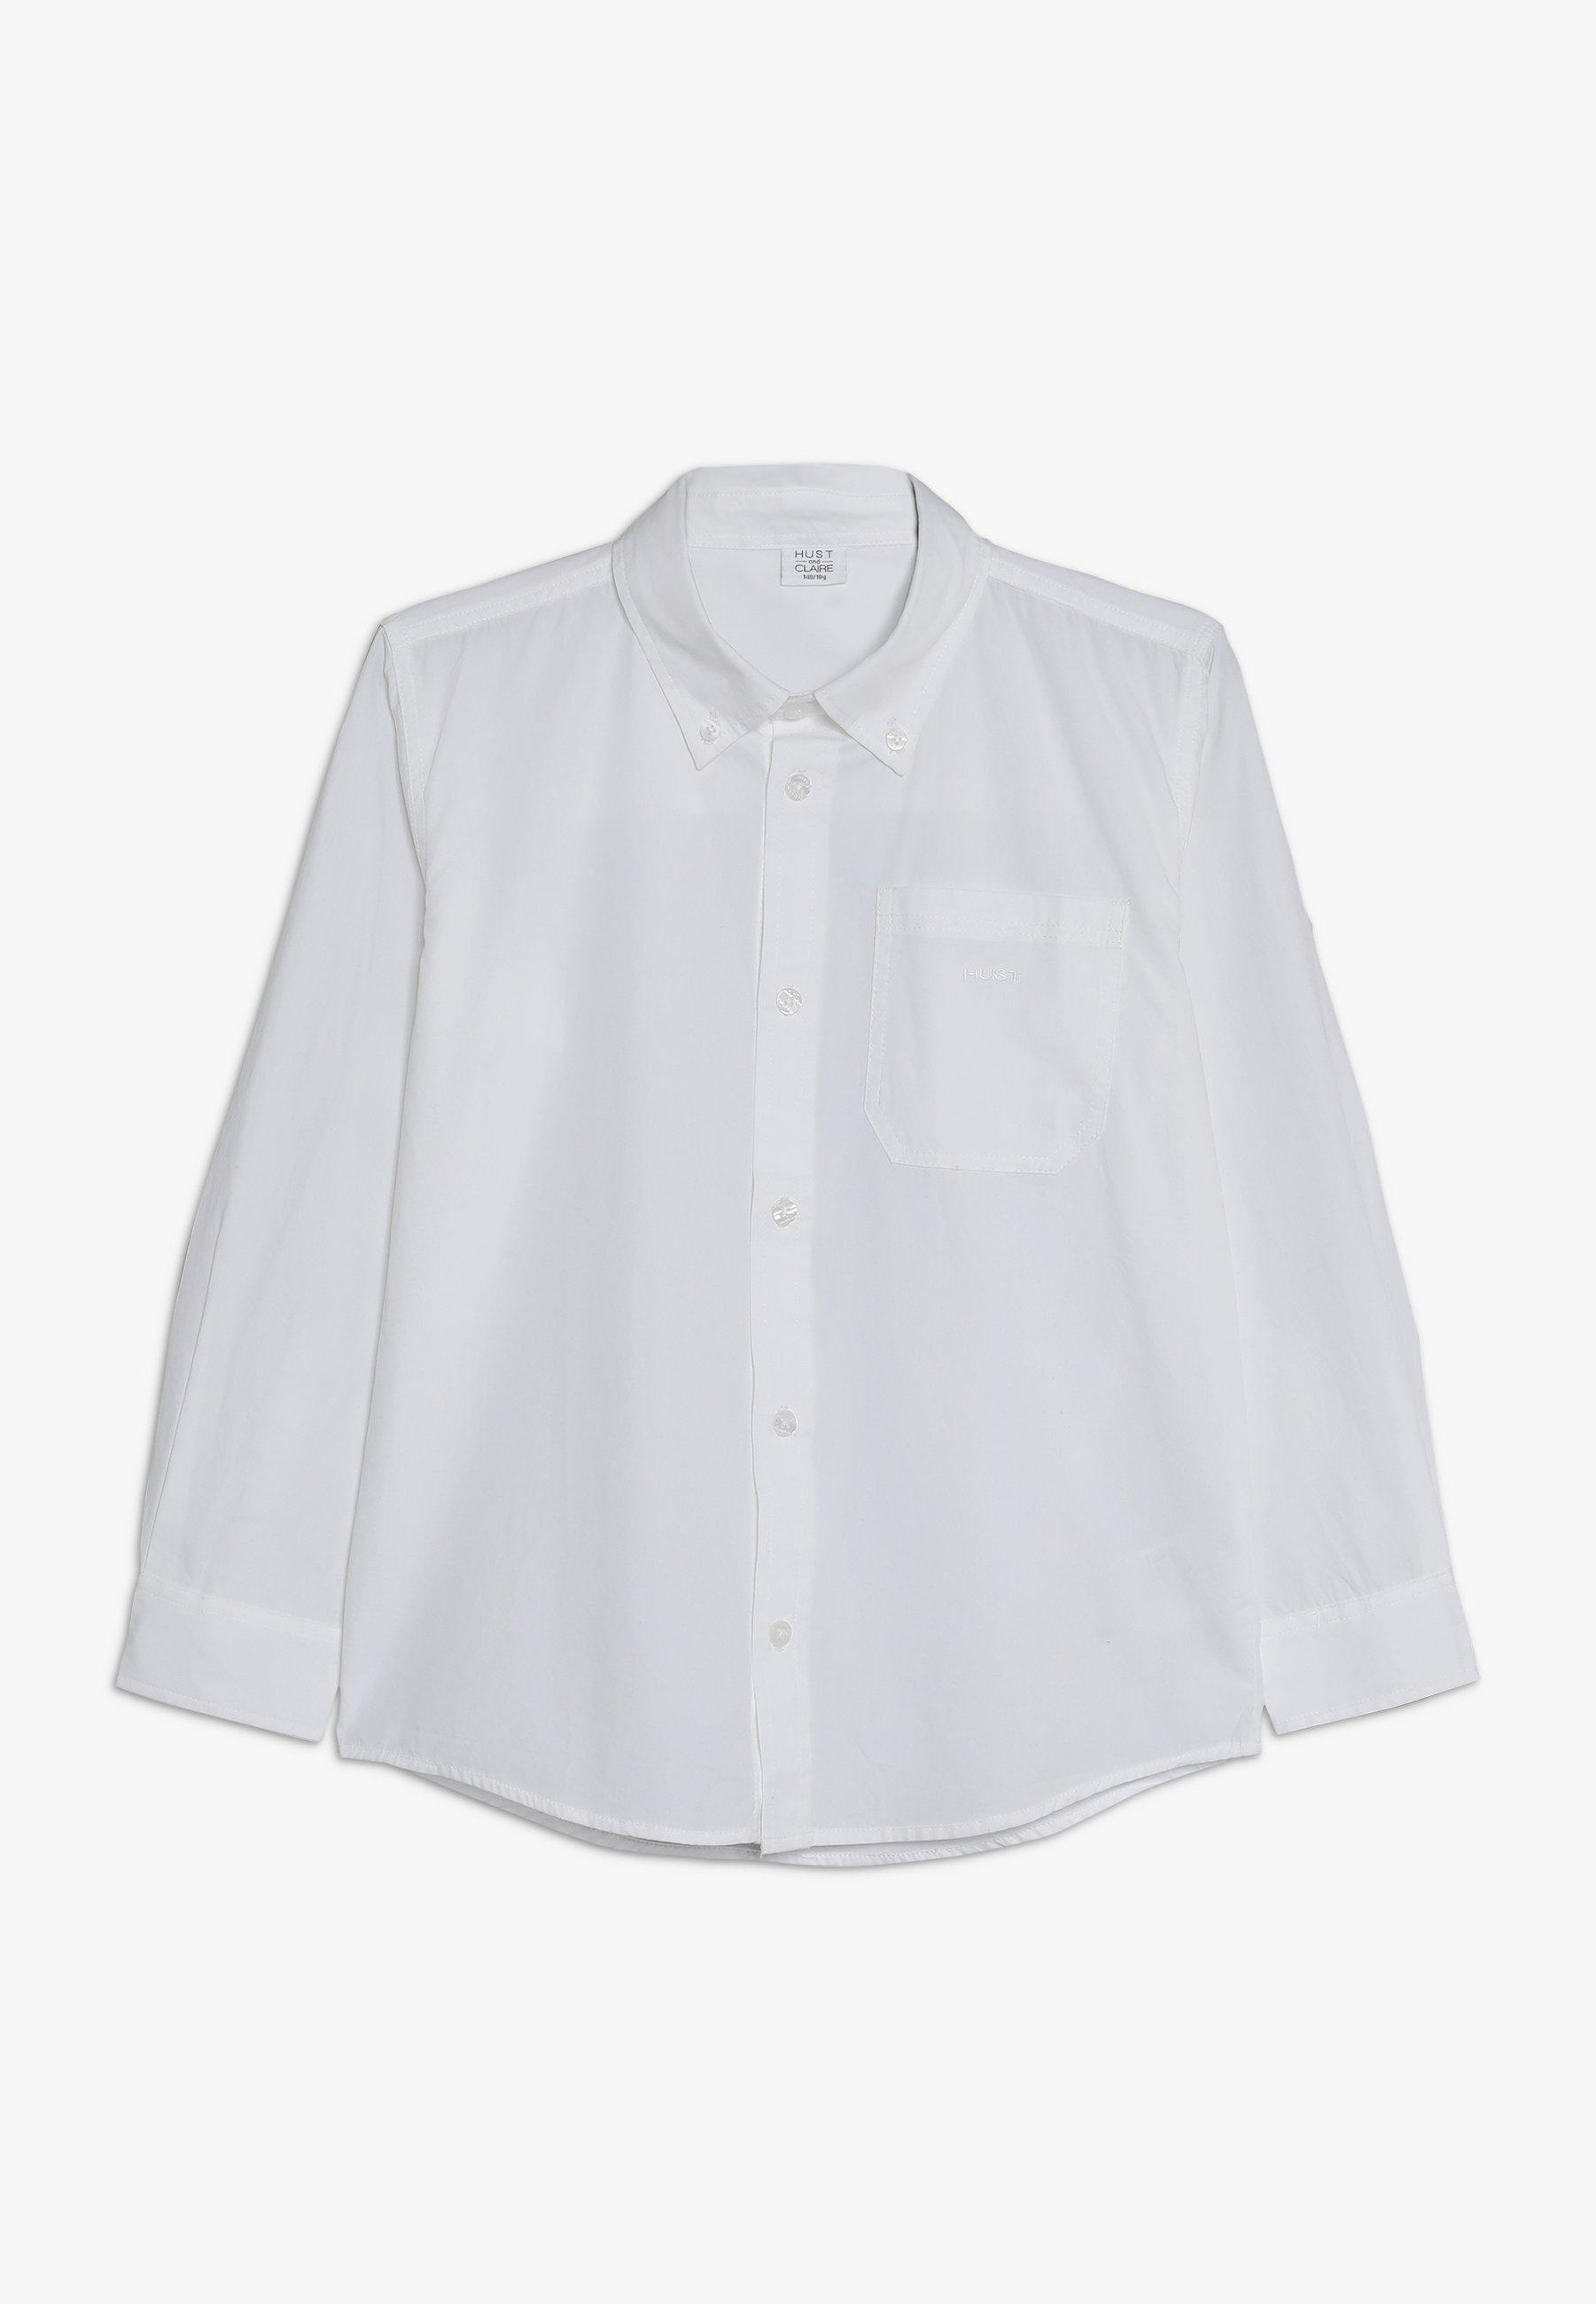 Kinder ROSS - Hemd